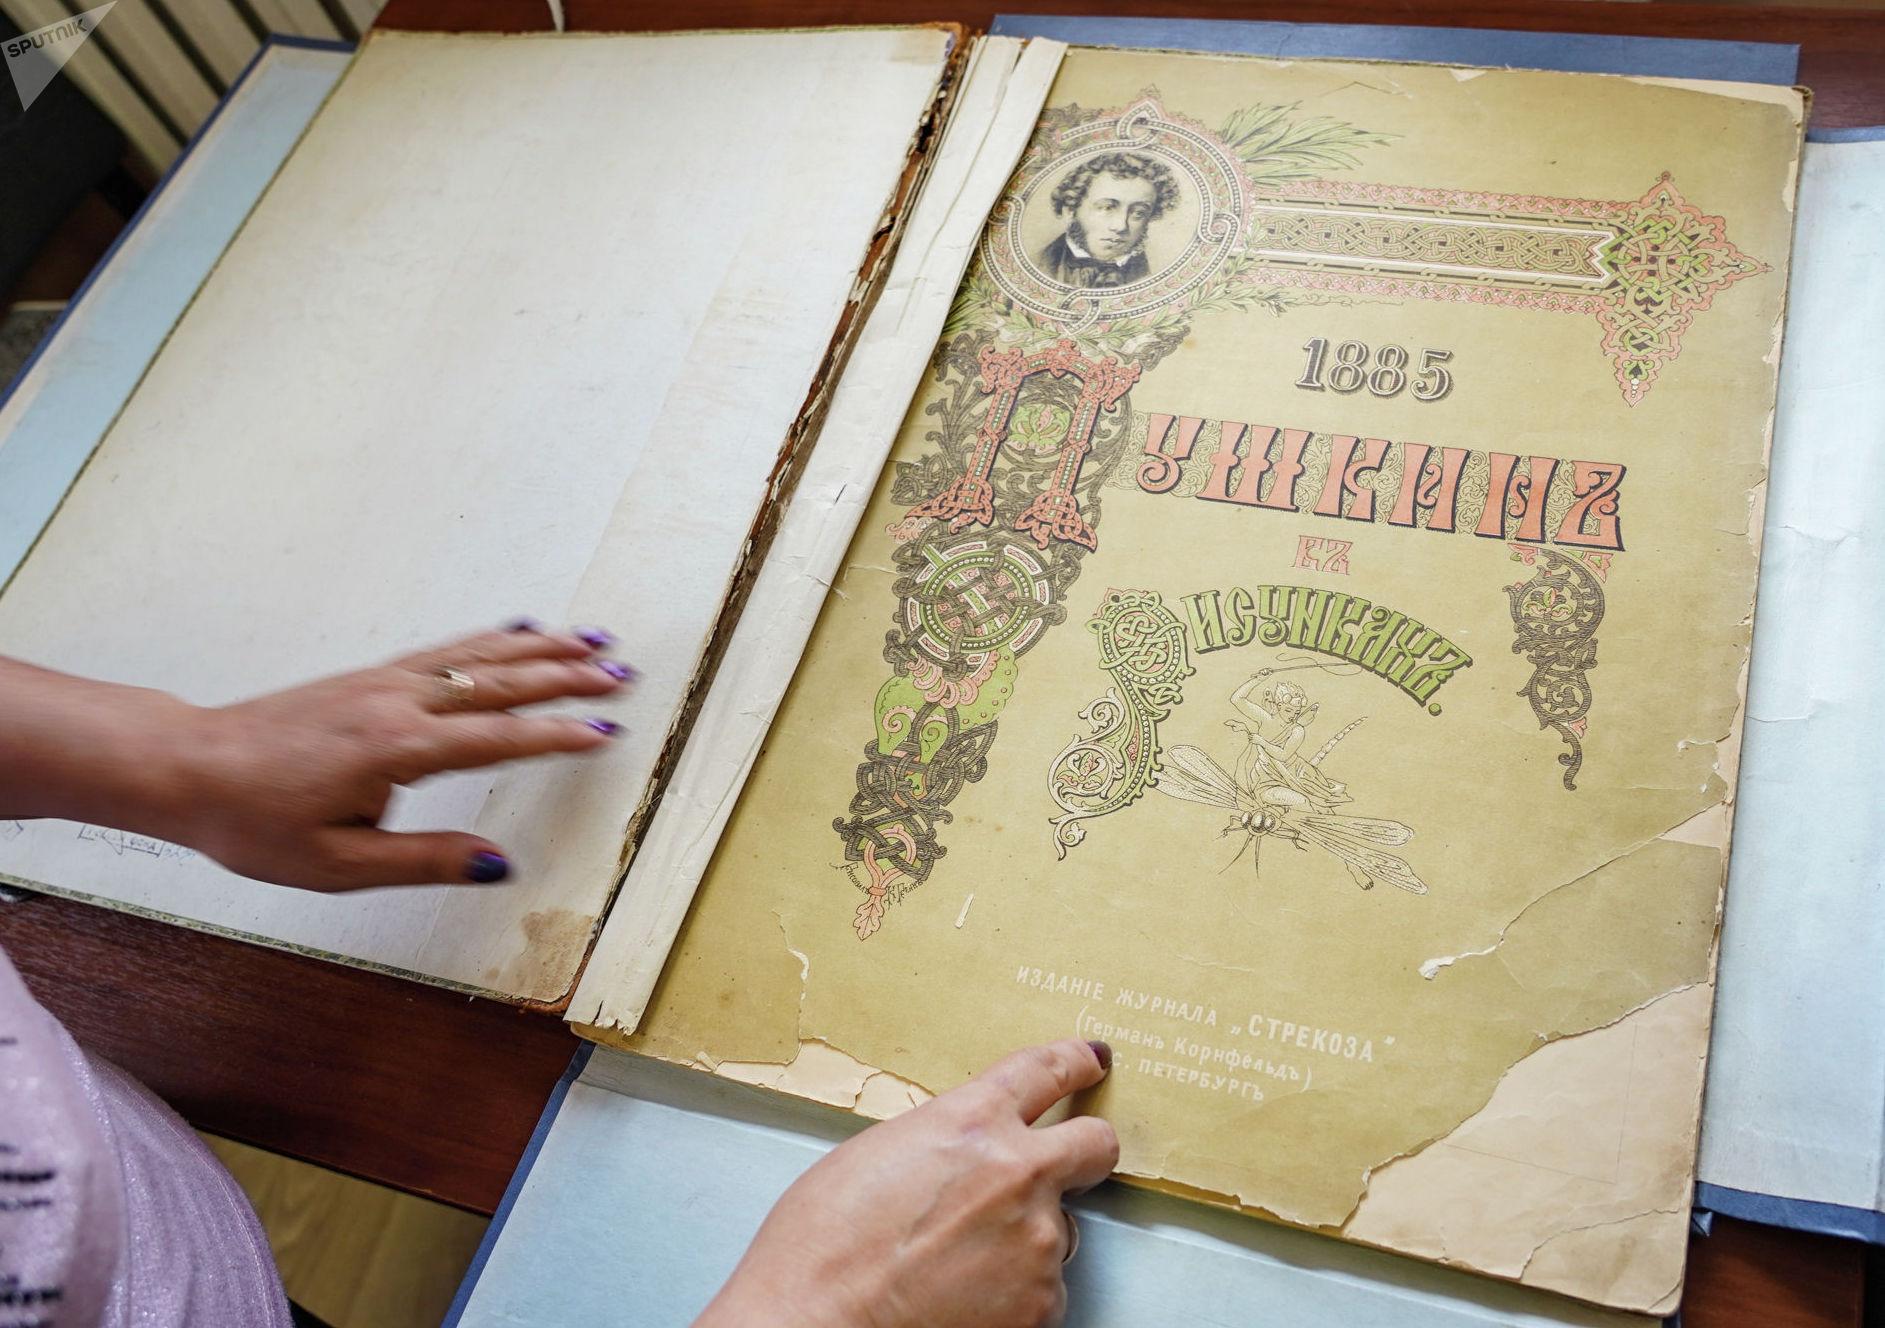 Сборник иллюстраций к произведениям русского поэта Александра Пушкина